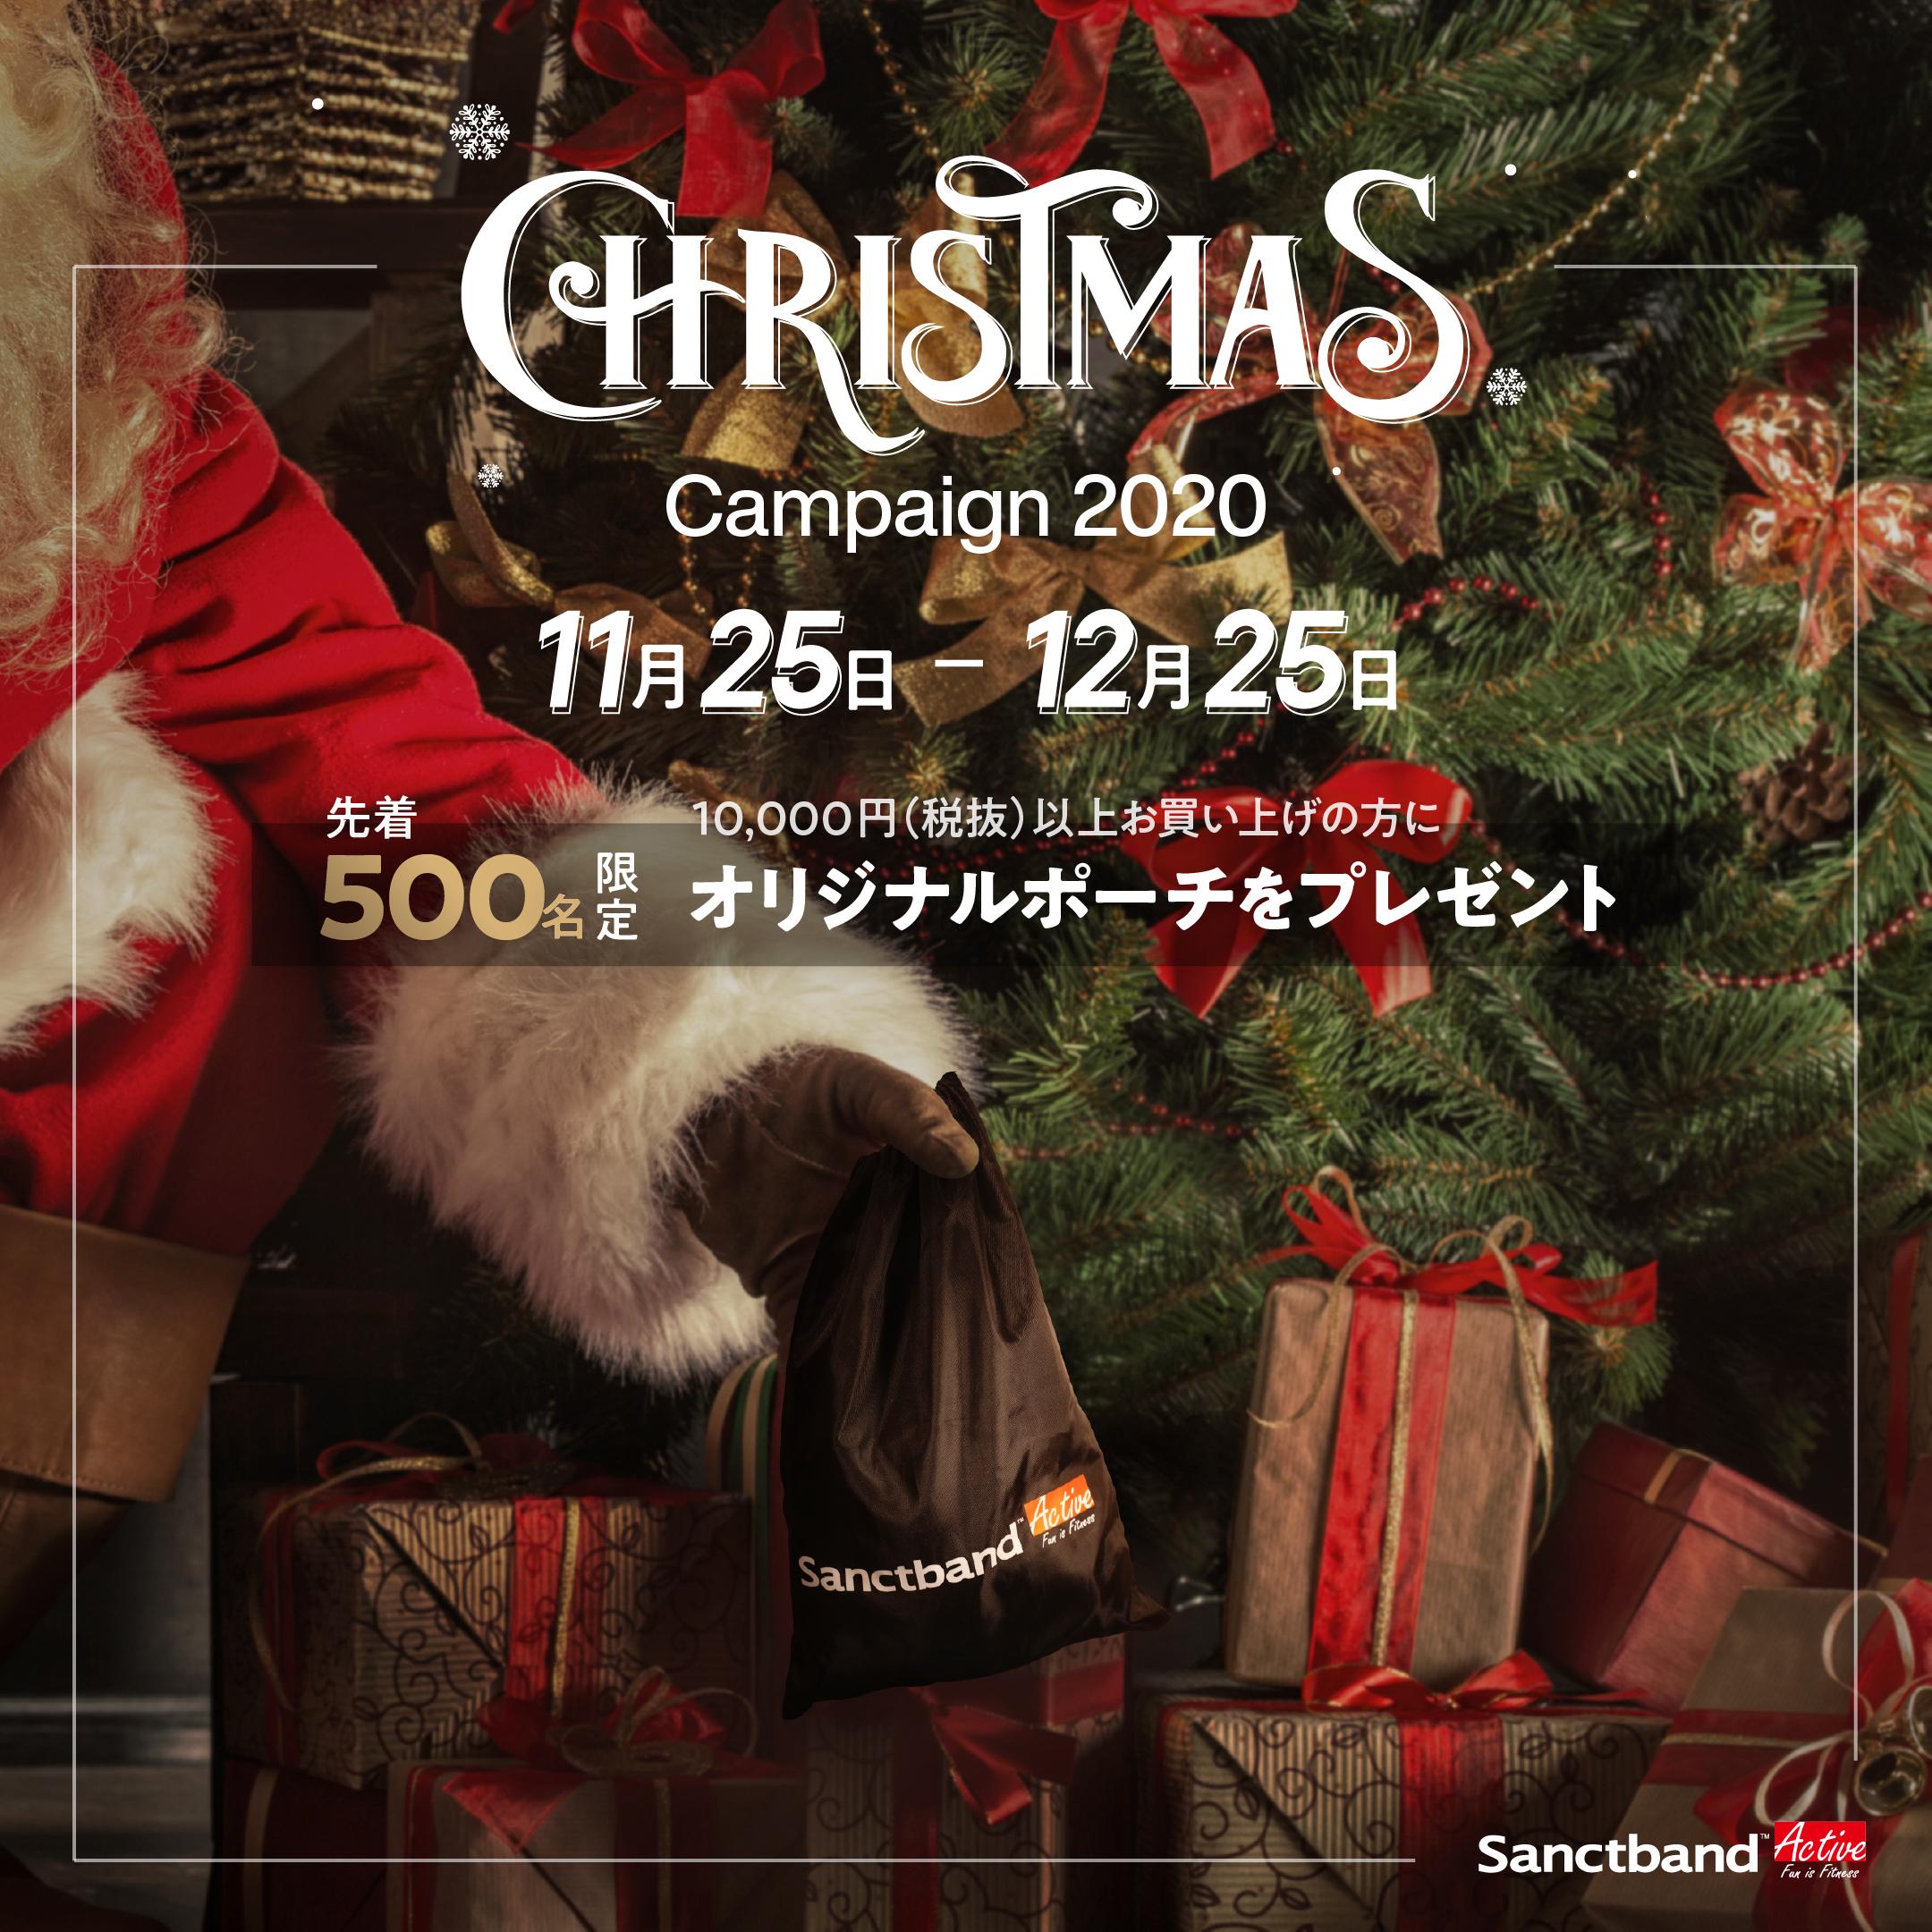 Sanctband クリスマスキャンペーン2020